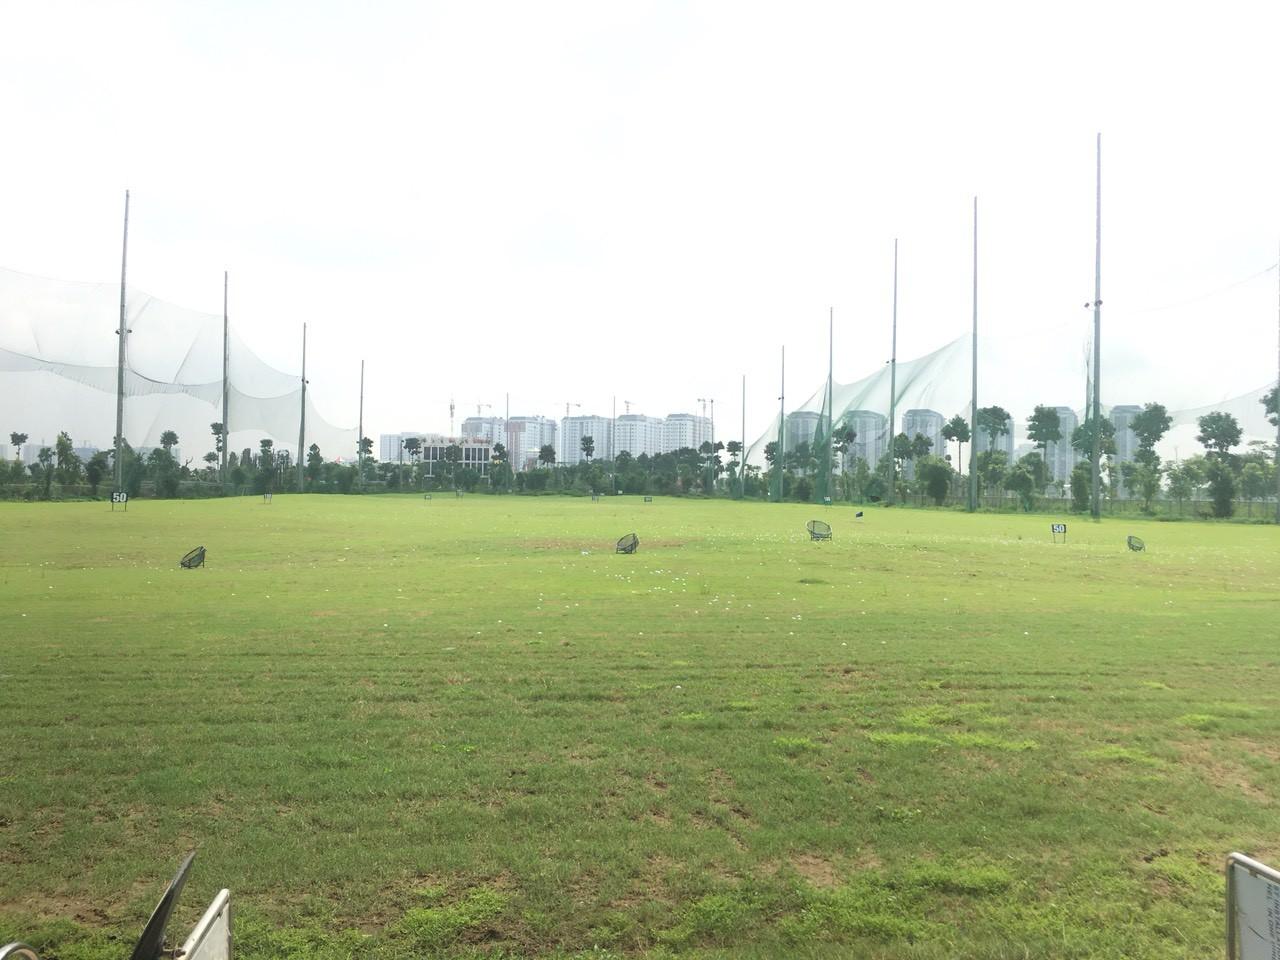 Ngày 10/6: Công viên nước hiện đại nhất Thủ đô hoạt động - Ảnh 10.